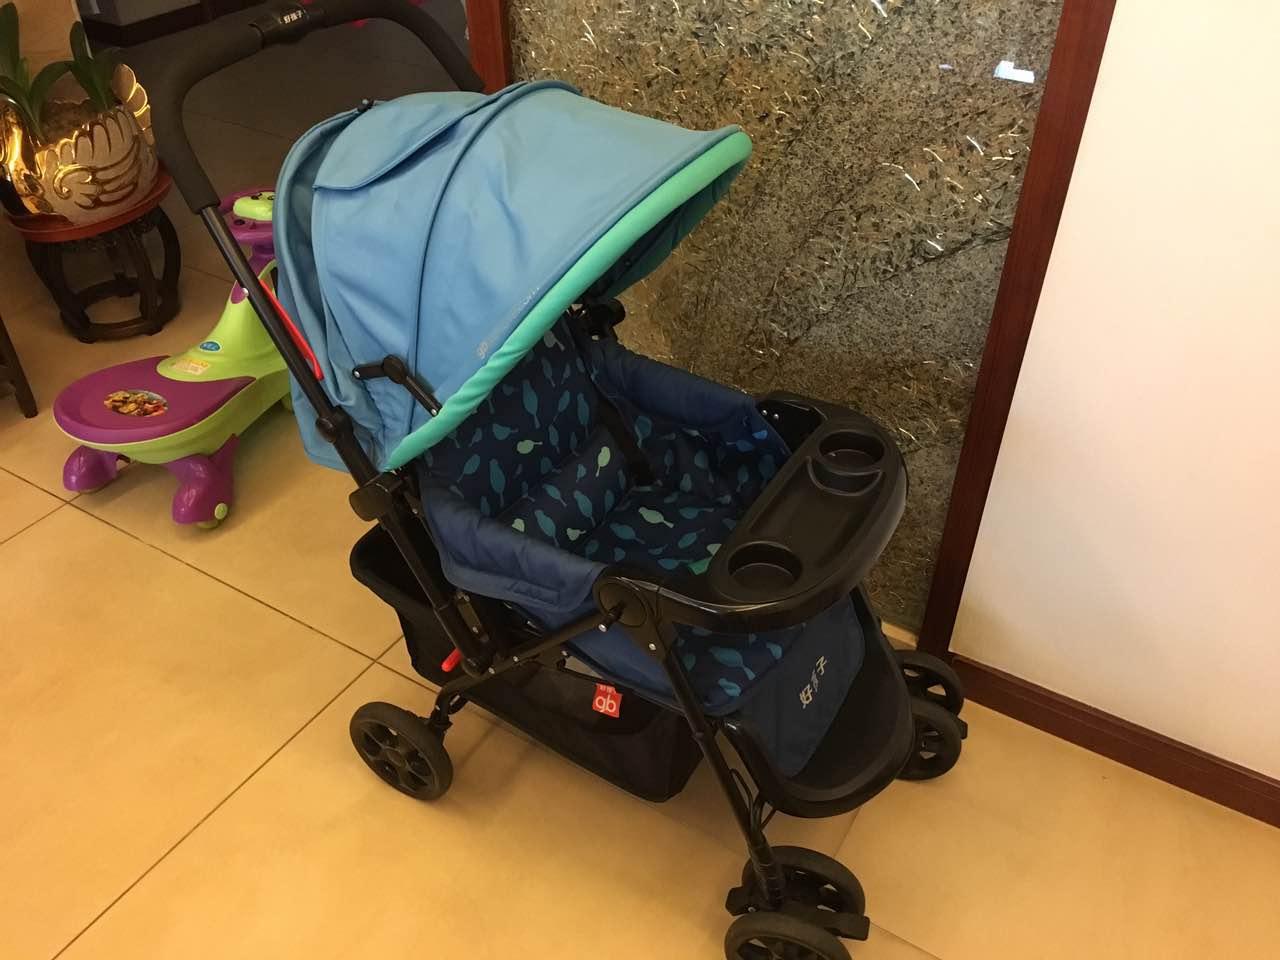 【购自苏宁】好孩子婴儿车 可折叠四轮避震宝宝手推车 c309-h 蓝色